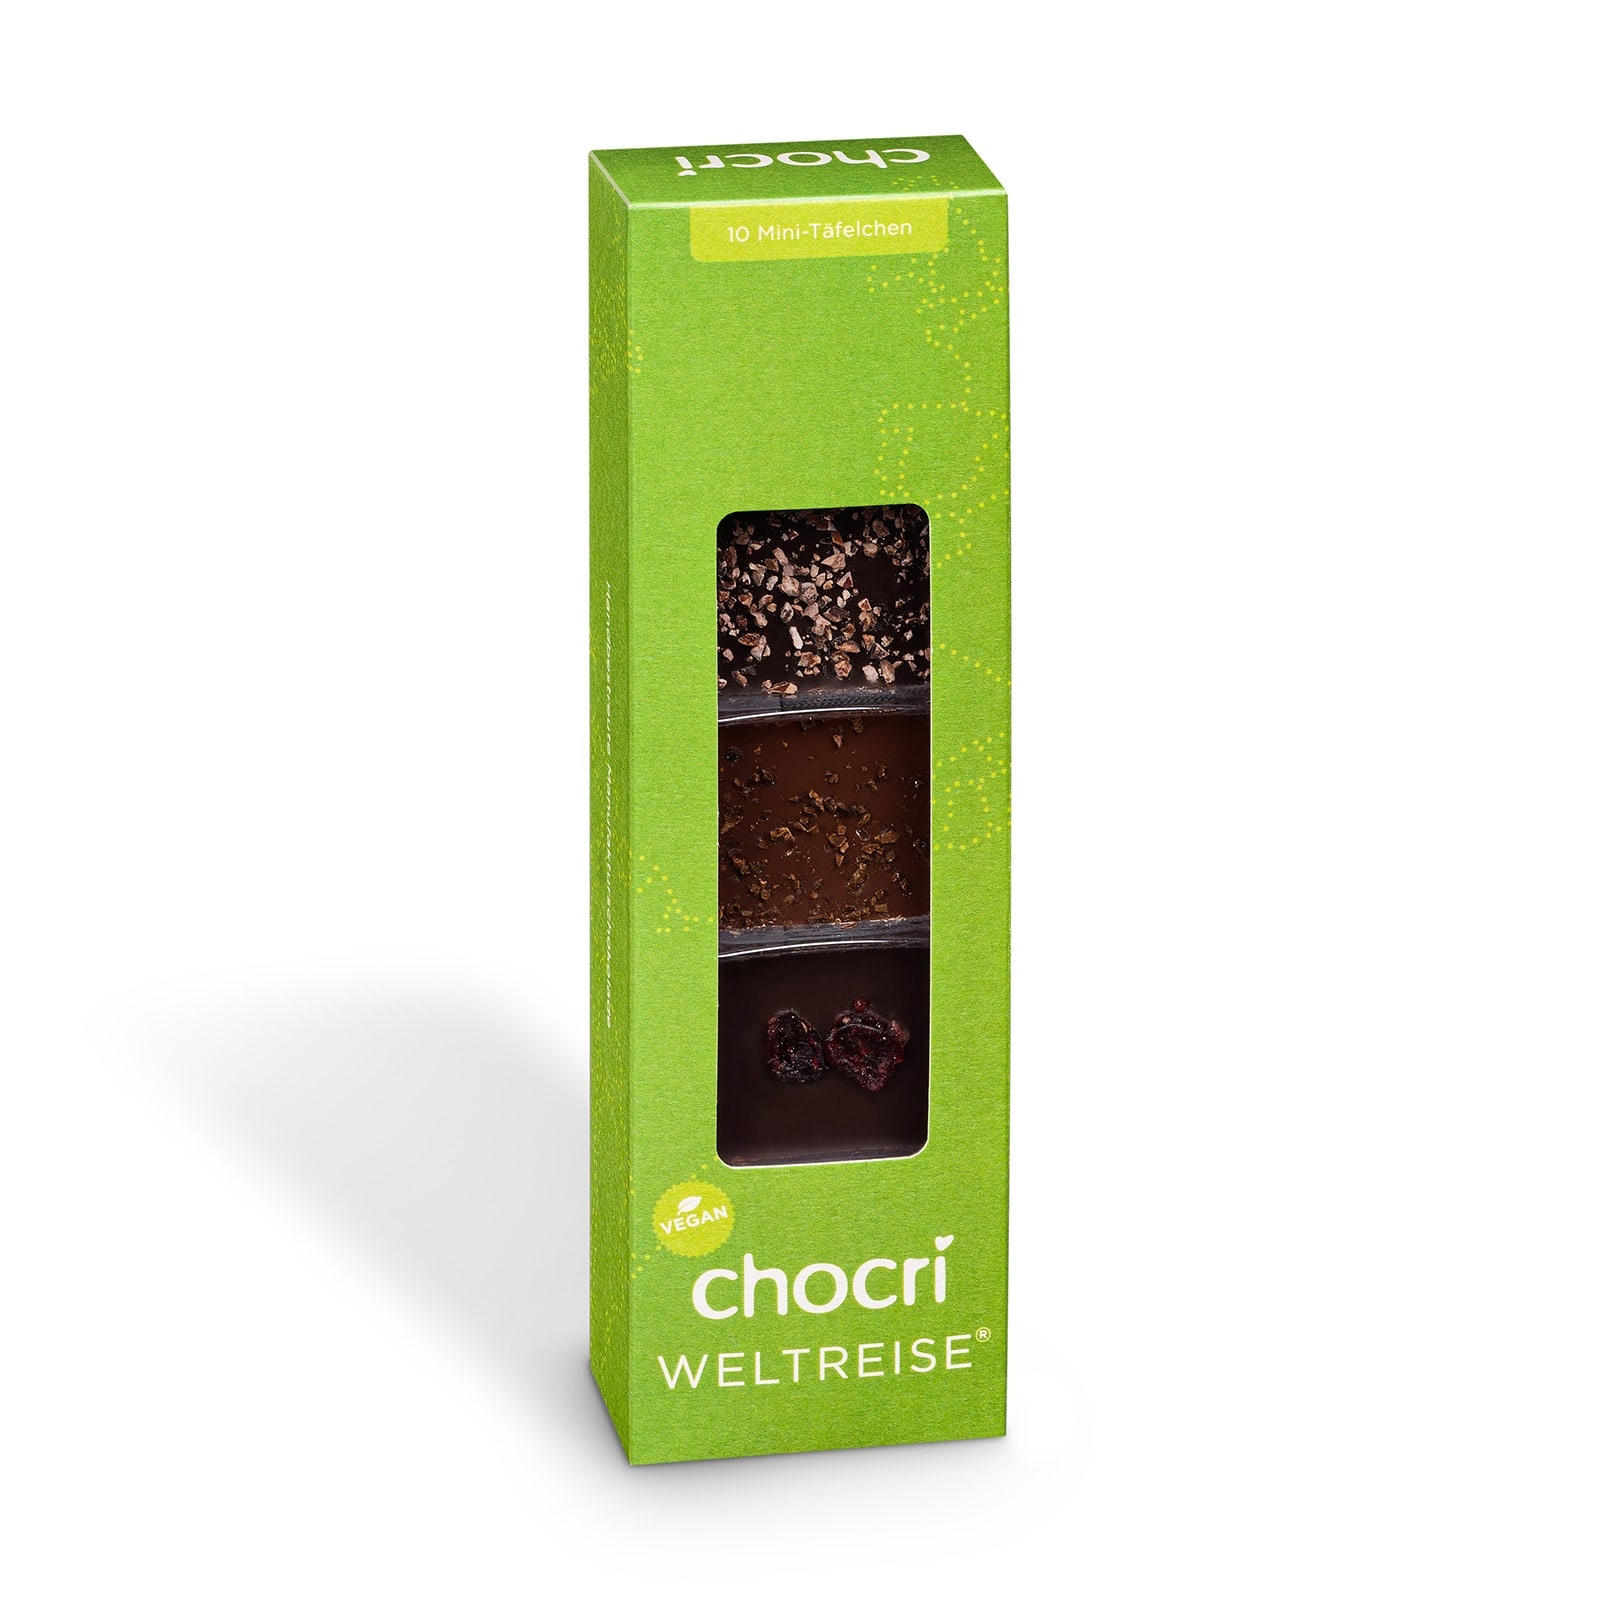 Köstlichsüsses - chocri kleine Weltreise® 'Vegan' Mini Schokoladentafeln - Onlineshop Chocri